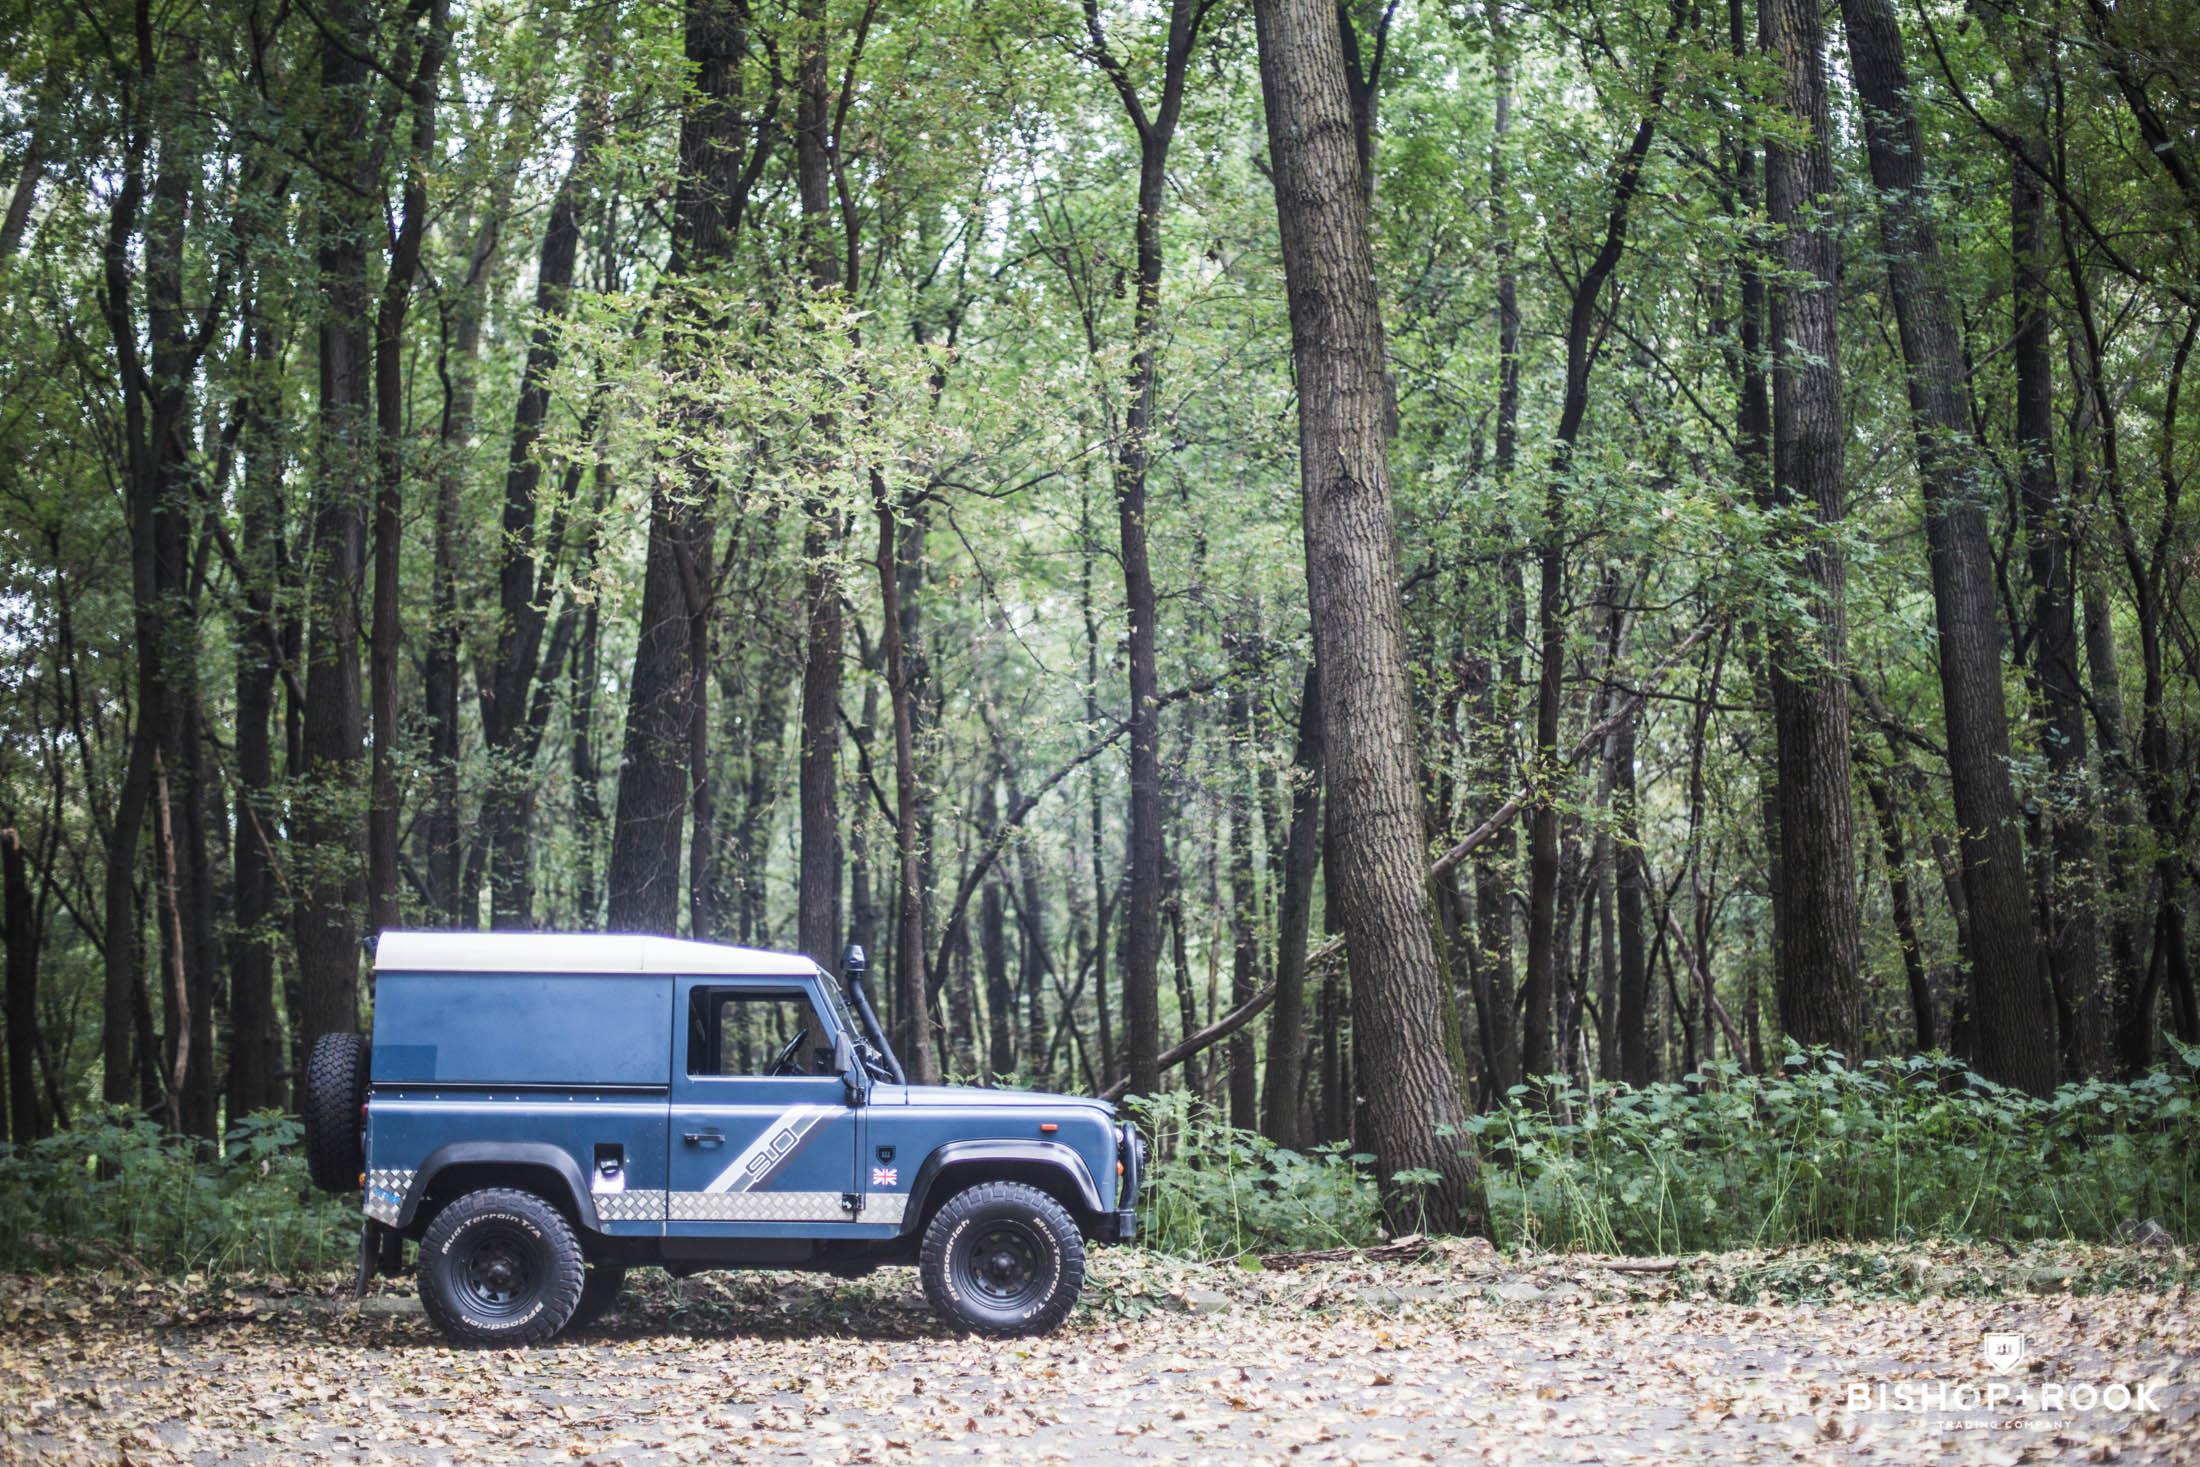 Land Rover Defender 90 - For Sale - Minnesota